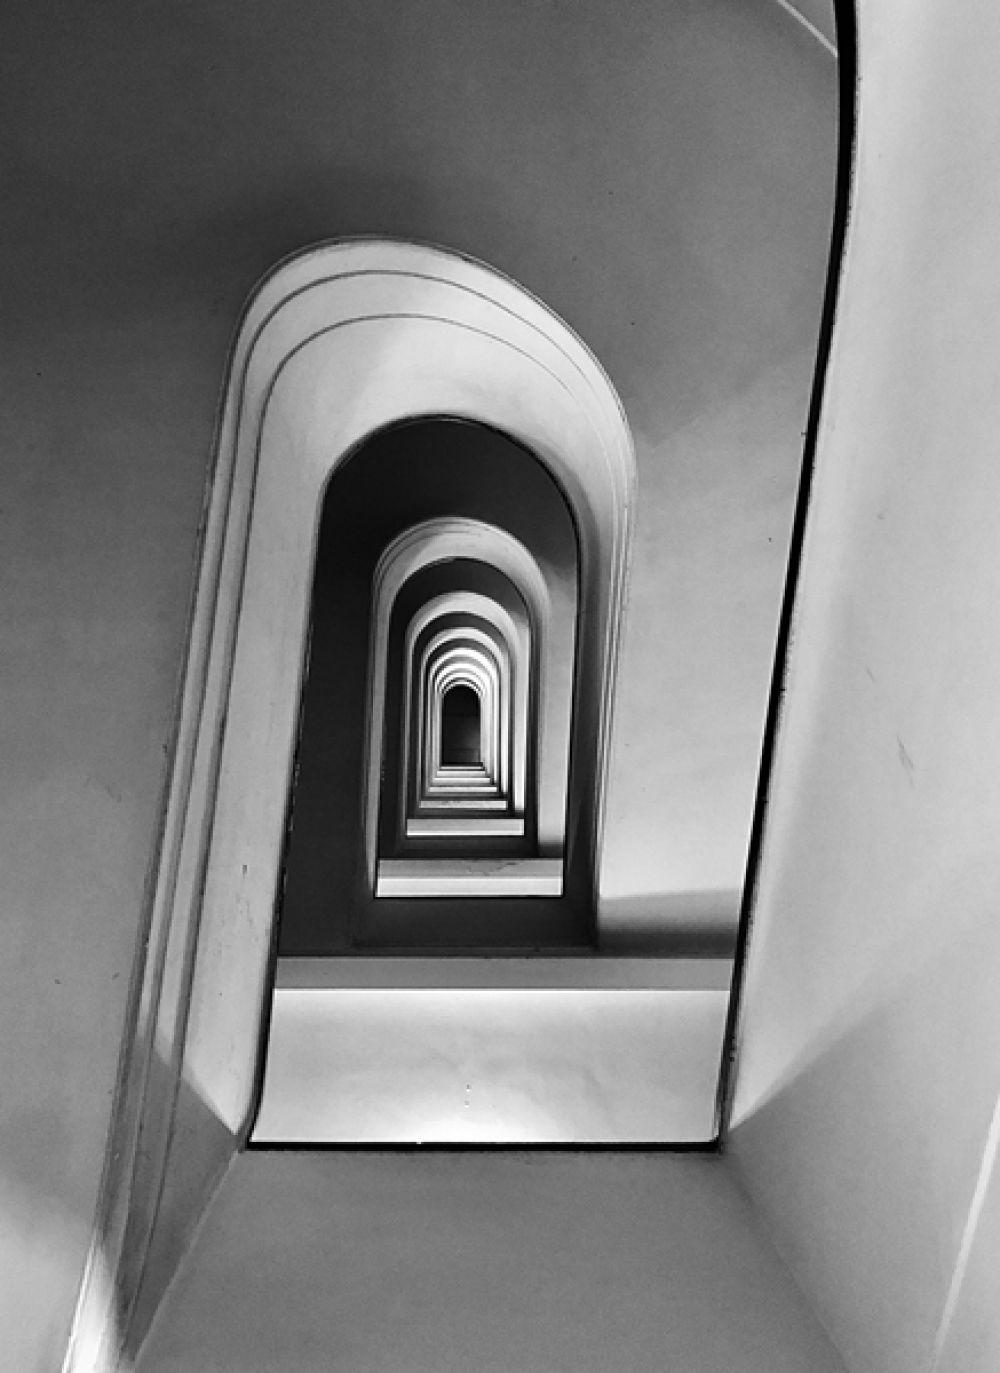 Массимо Грациани, Италия. 1-е место в категории «Архитектура». Римская лестница на Виа Аллегри. Снято на iPhone 7 Plus.